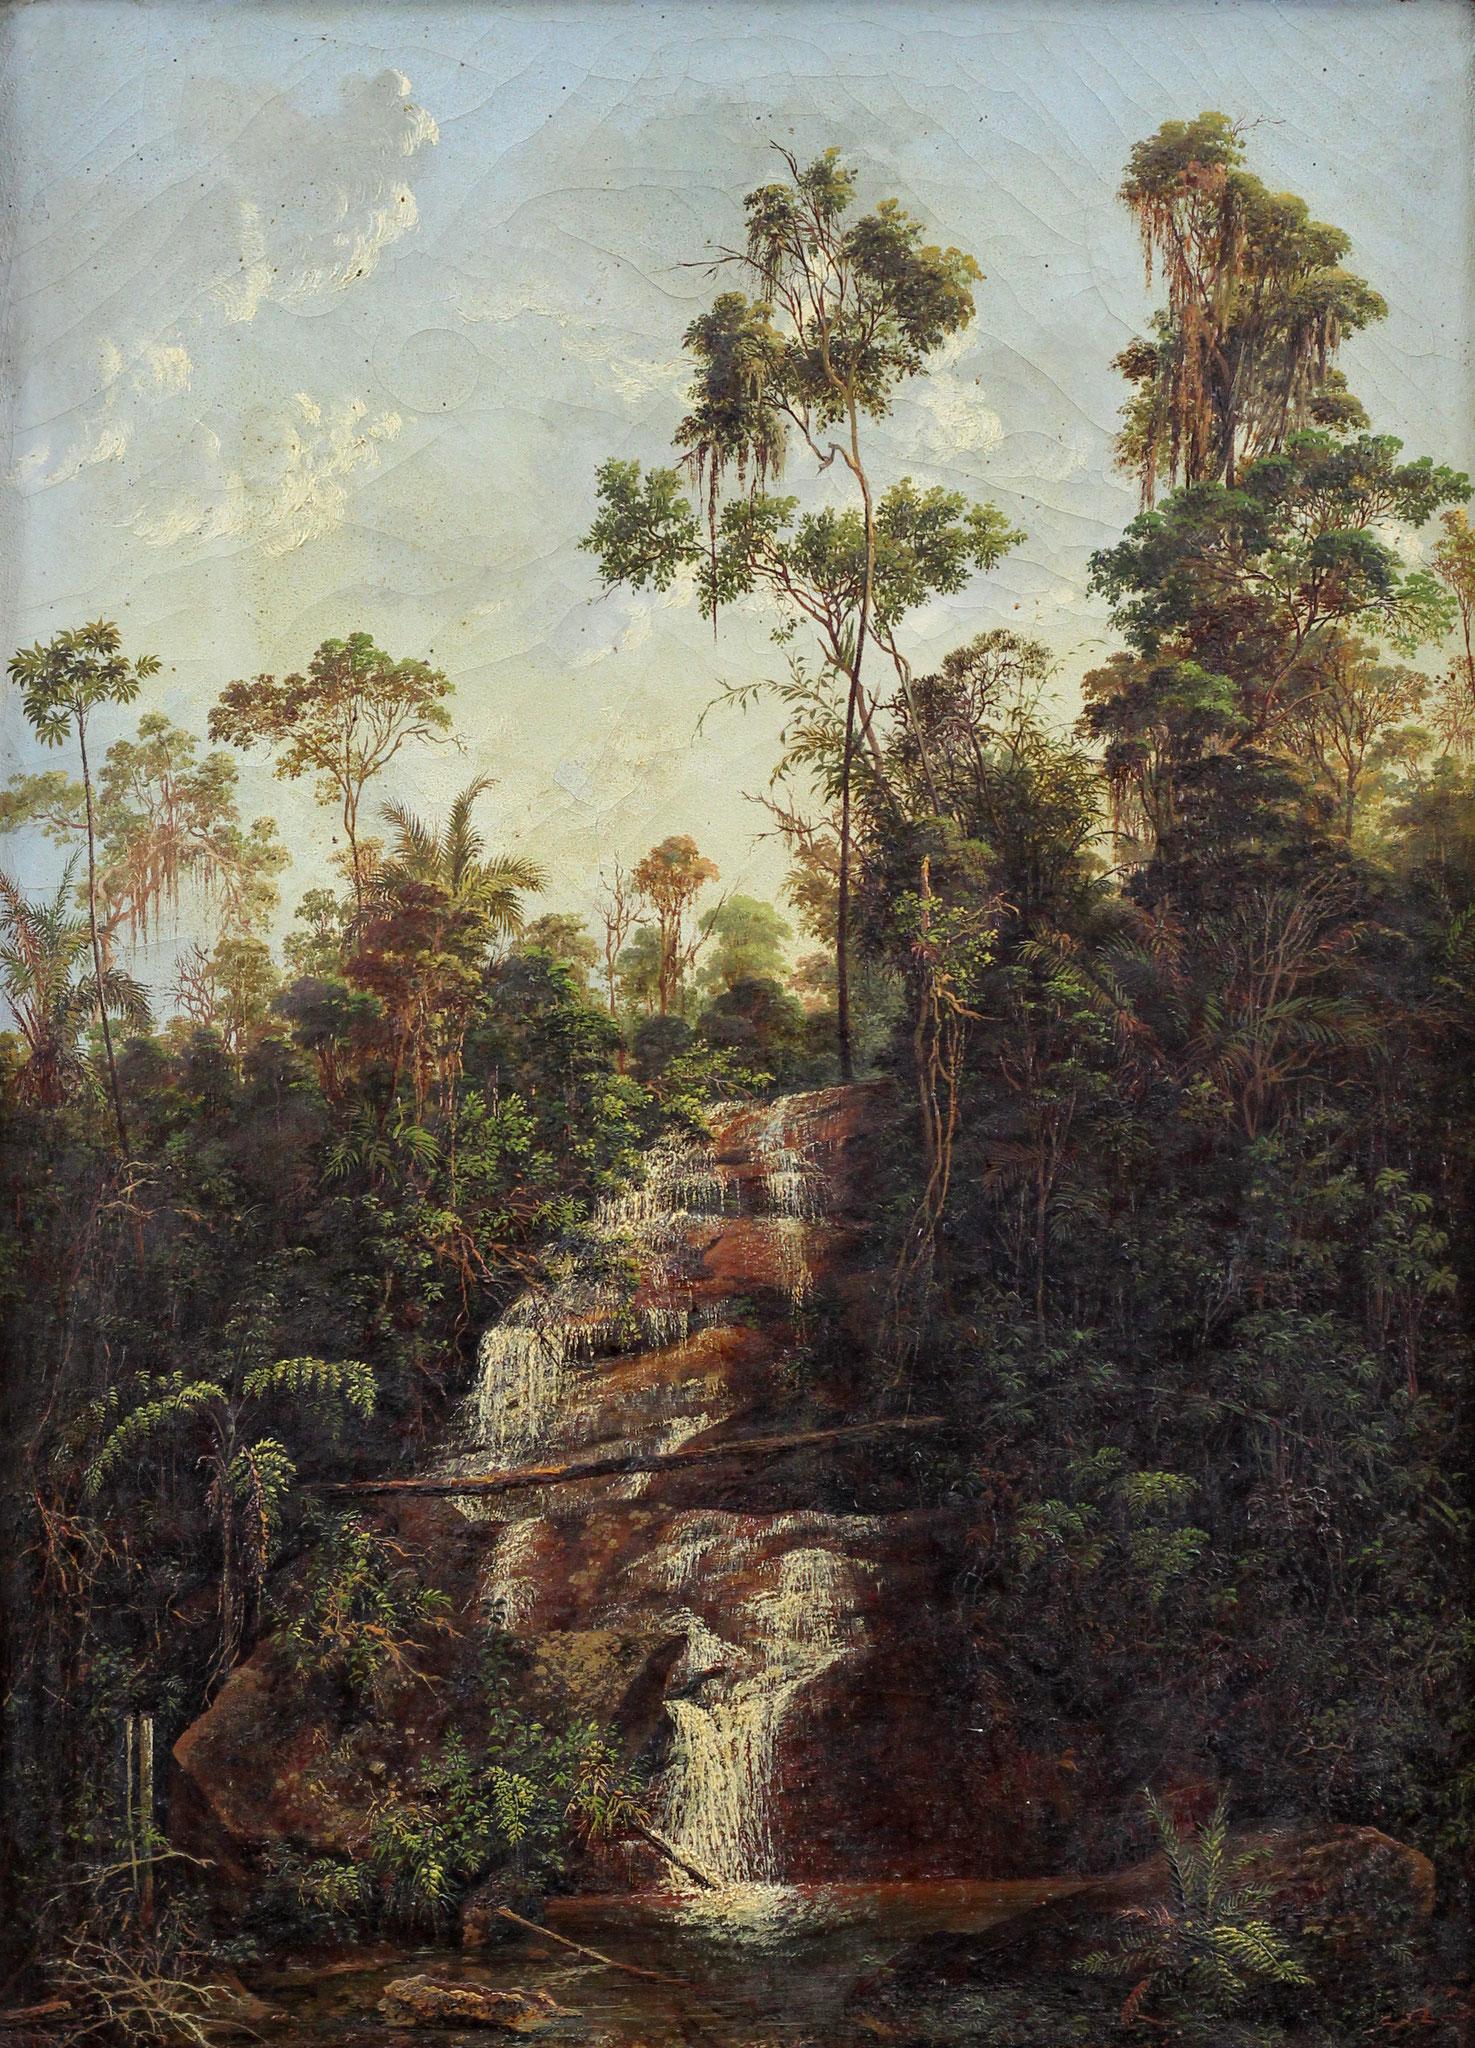 Adjugé 43 780 € - FACCHINETTI Nicolau Antonio, Chute d'eau près d'une ferme à Serra do Capim, route de Teresopolis à Sapucaia, Etat de Rio de Janeiro, Brésil, 1873, huile sur toile, 53 x 38 cm